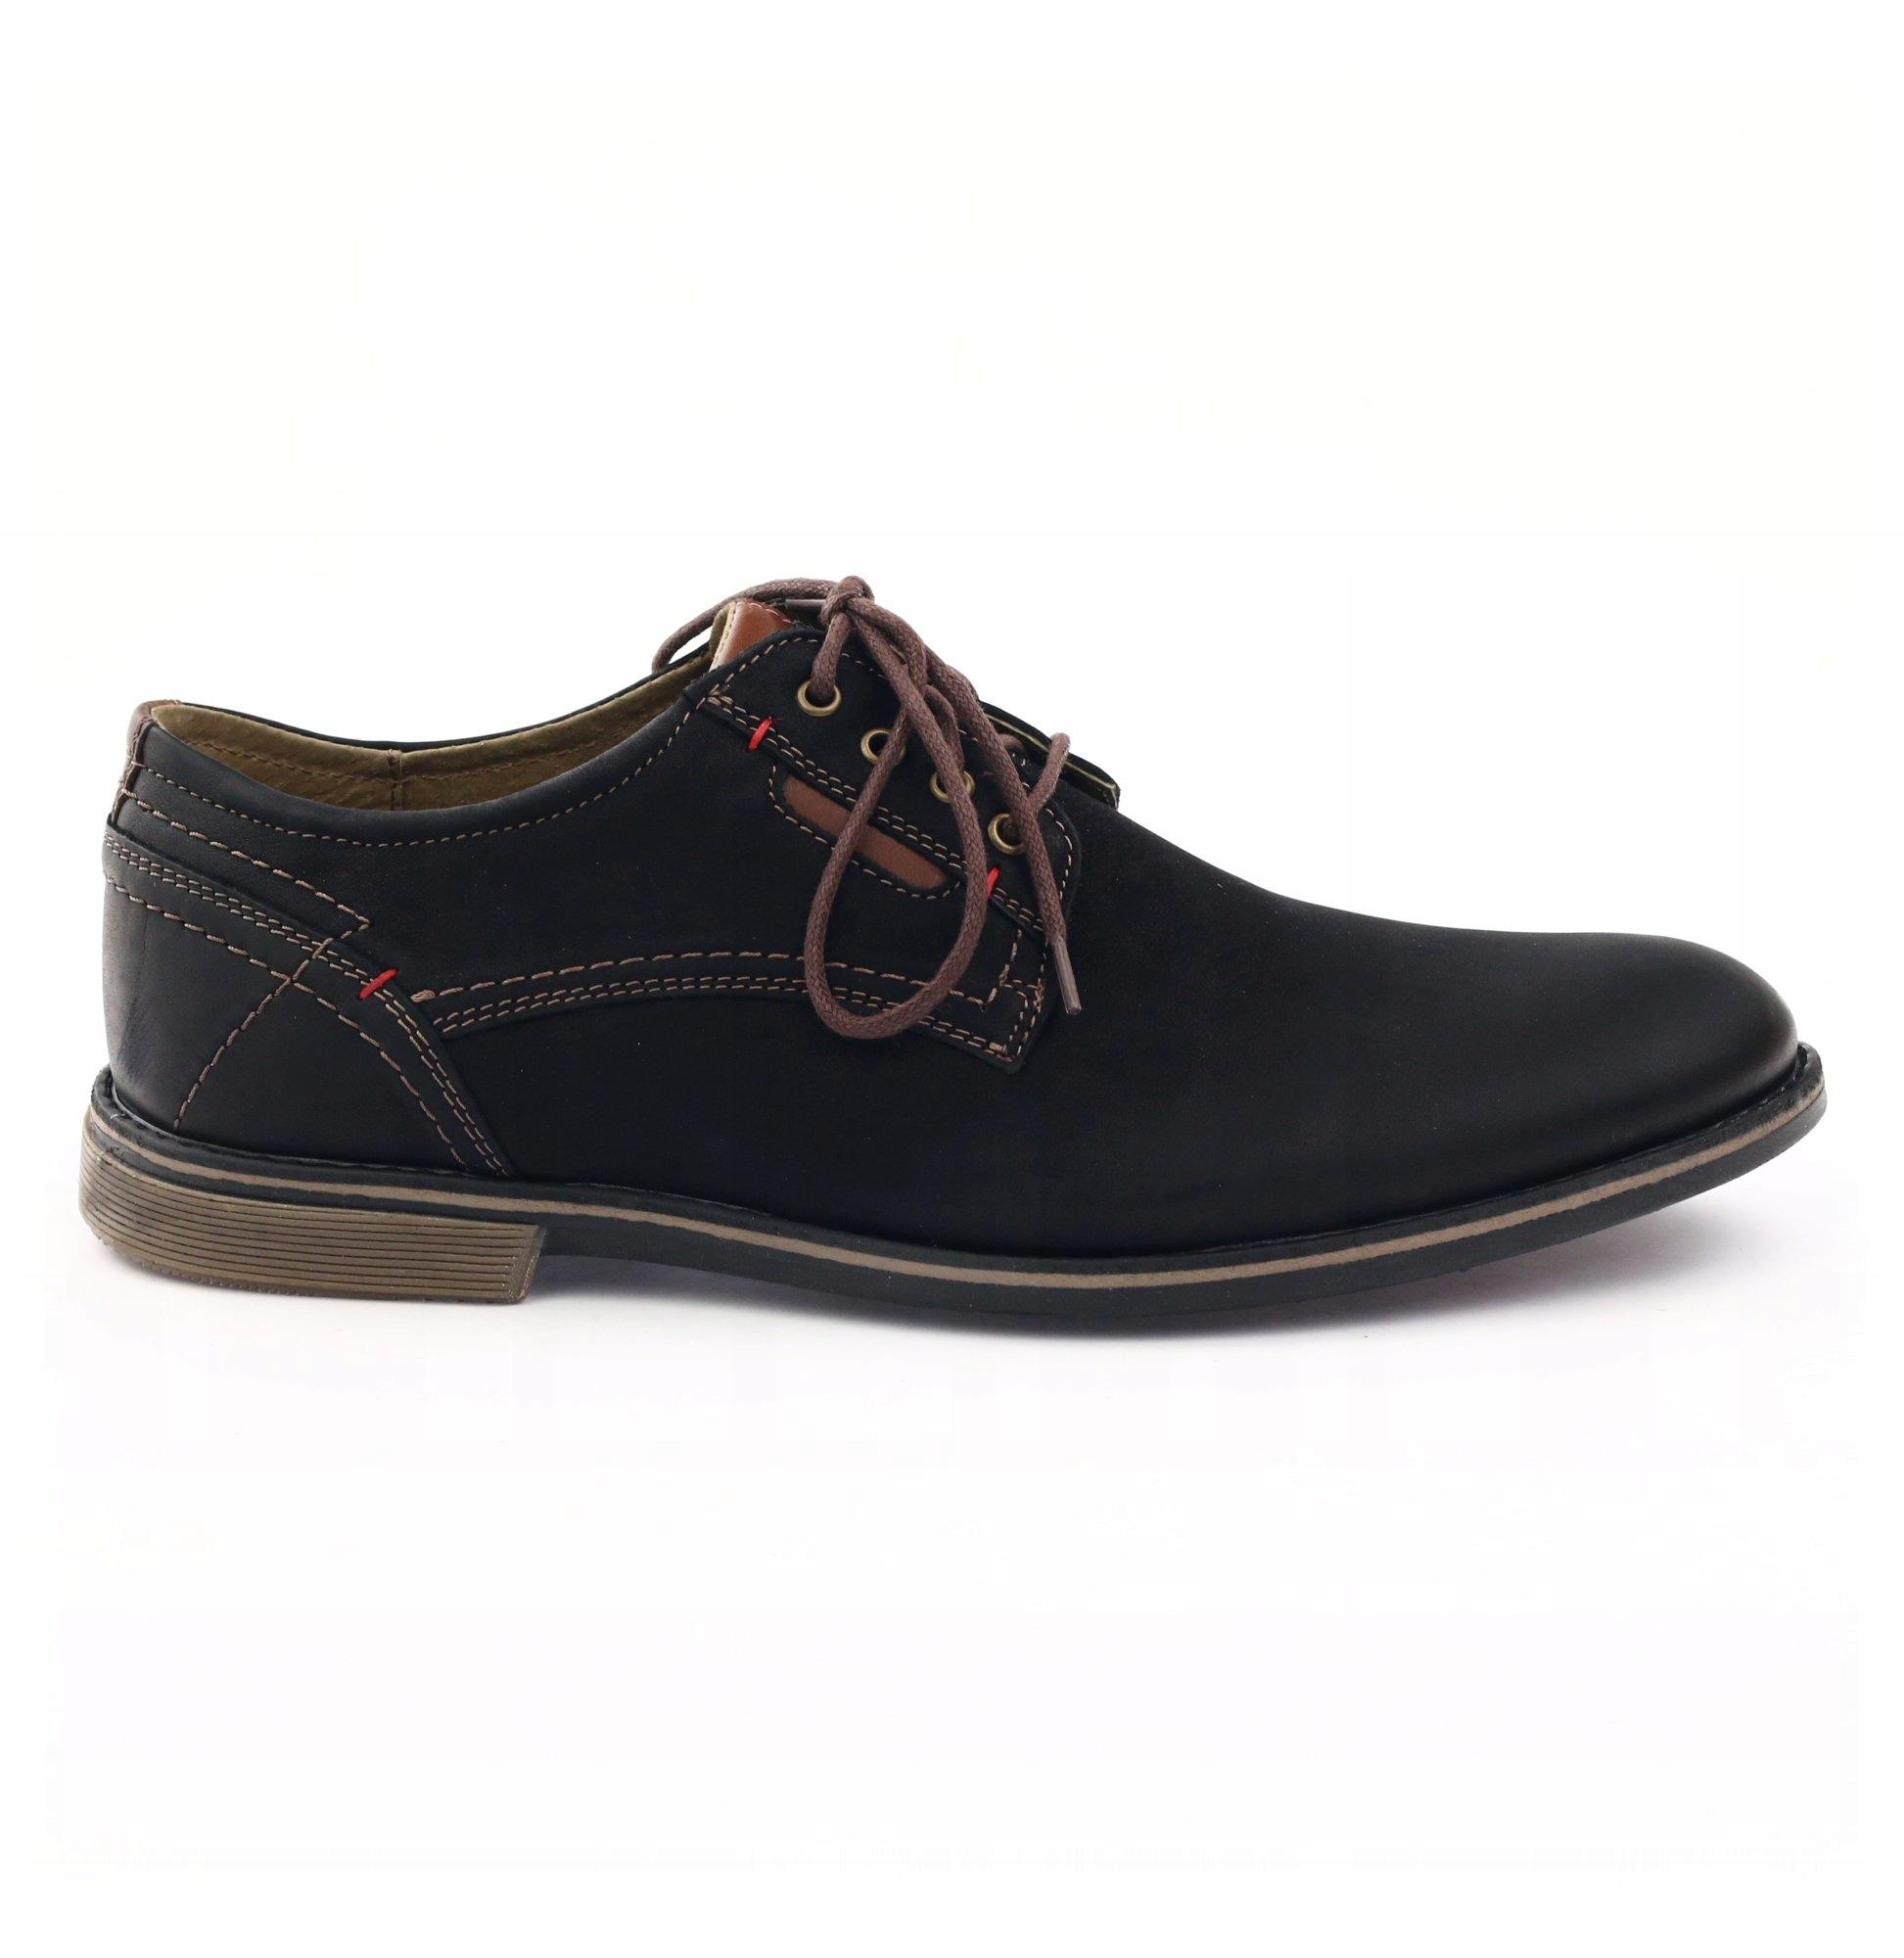 Buty półbuty męskie czarne wizytowe sznurowane lakierki